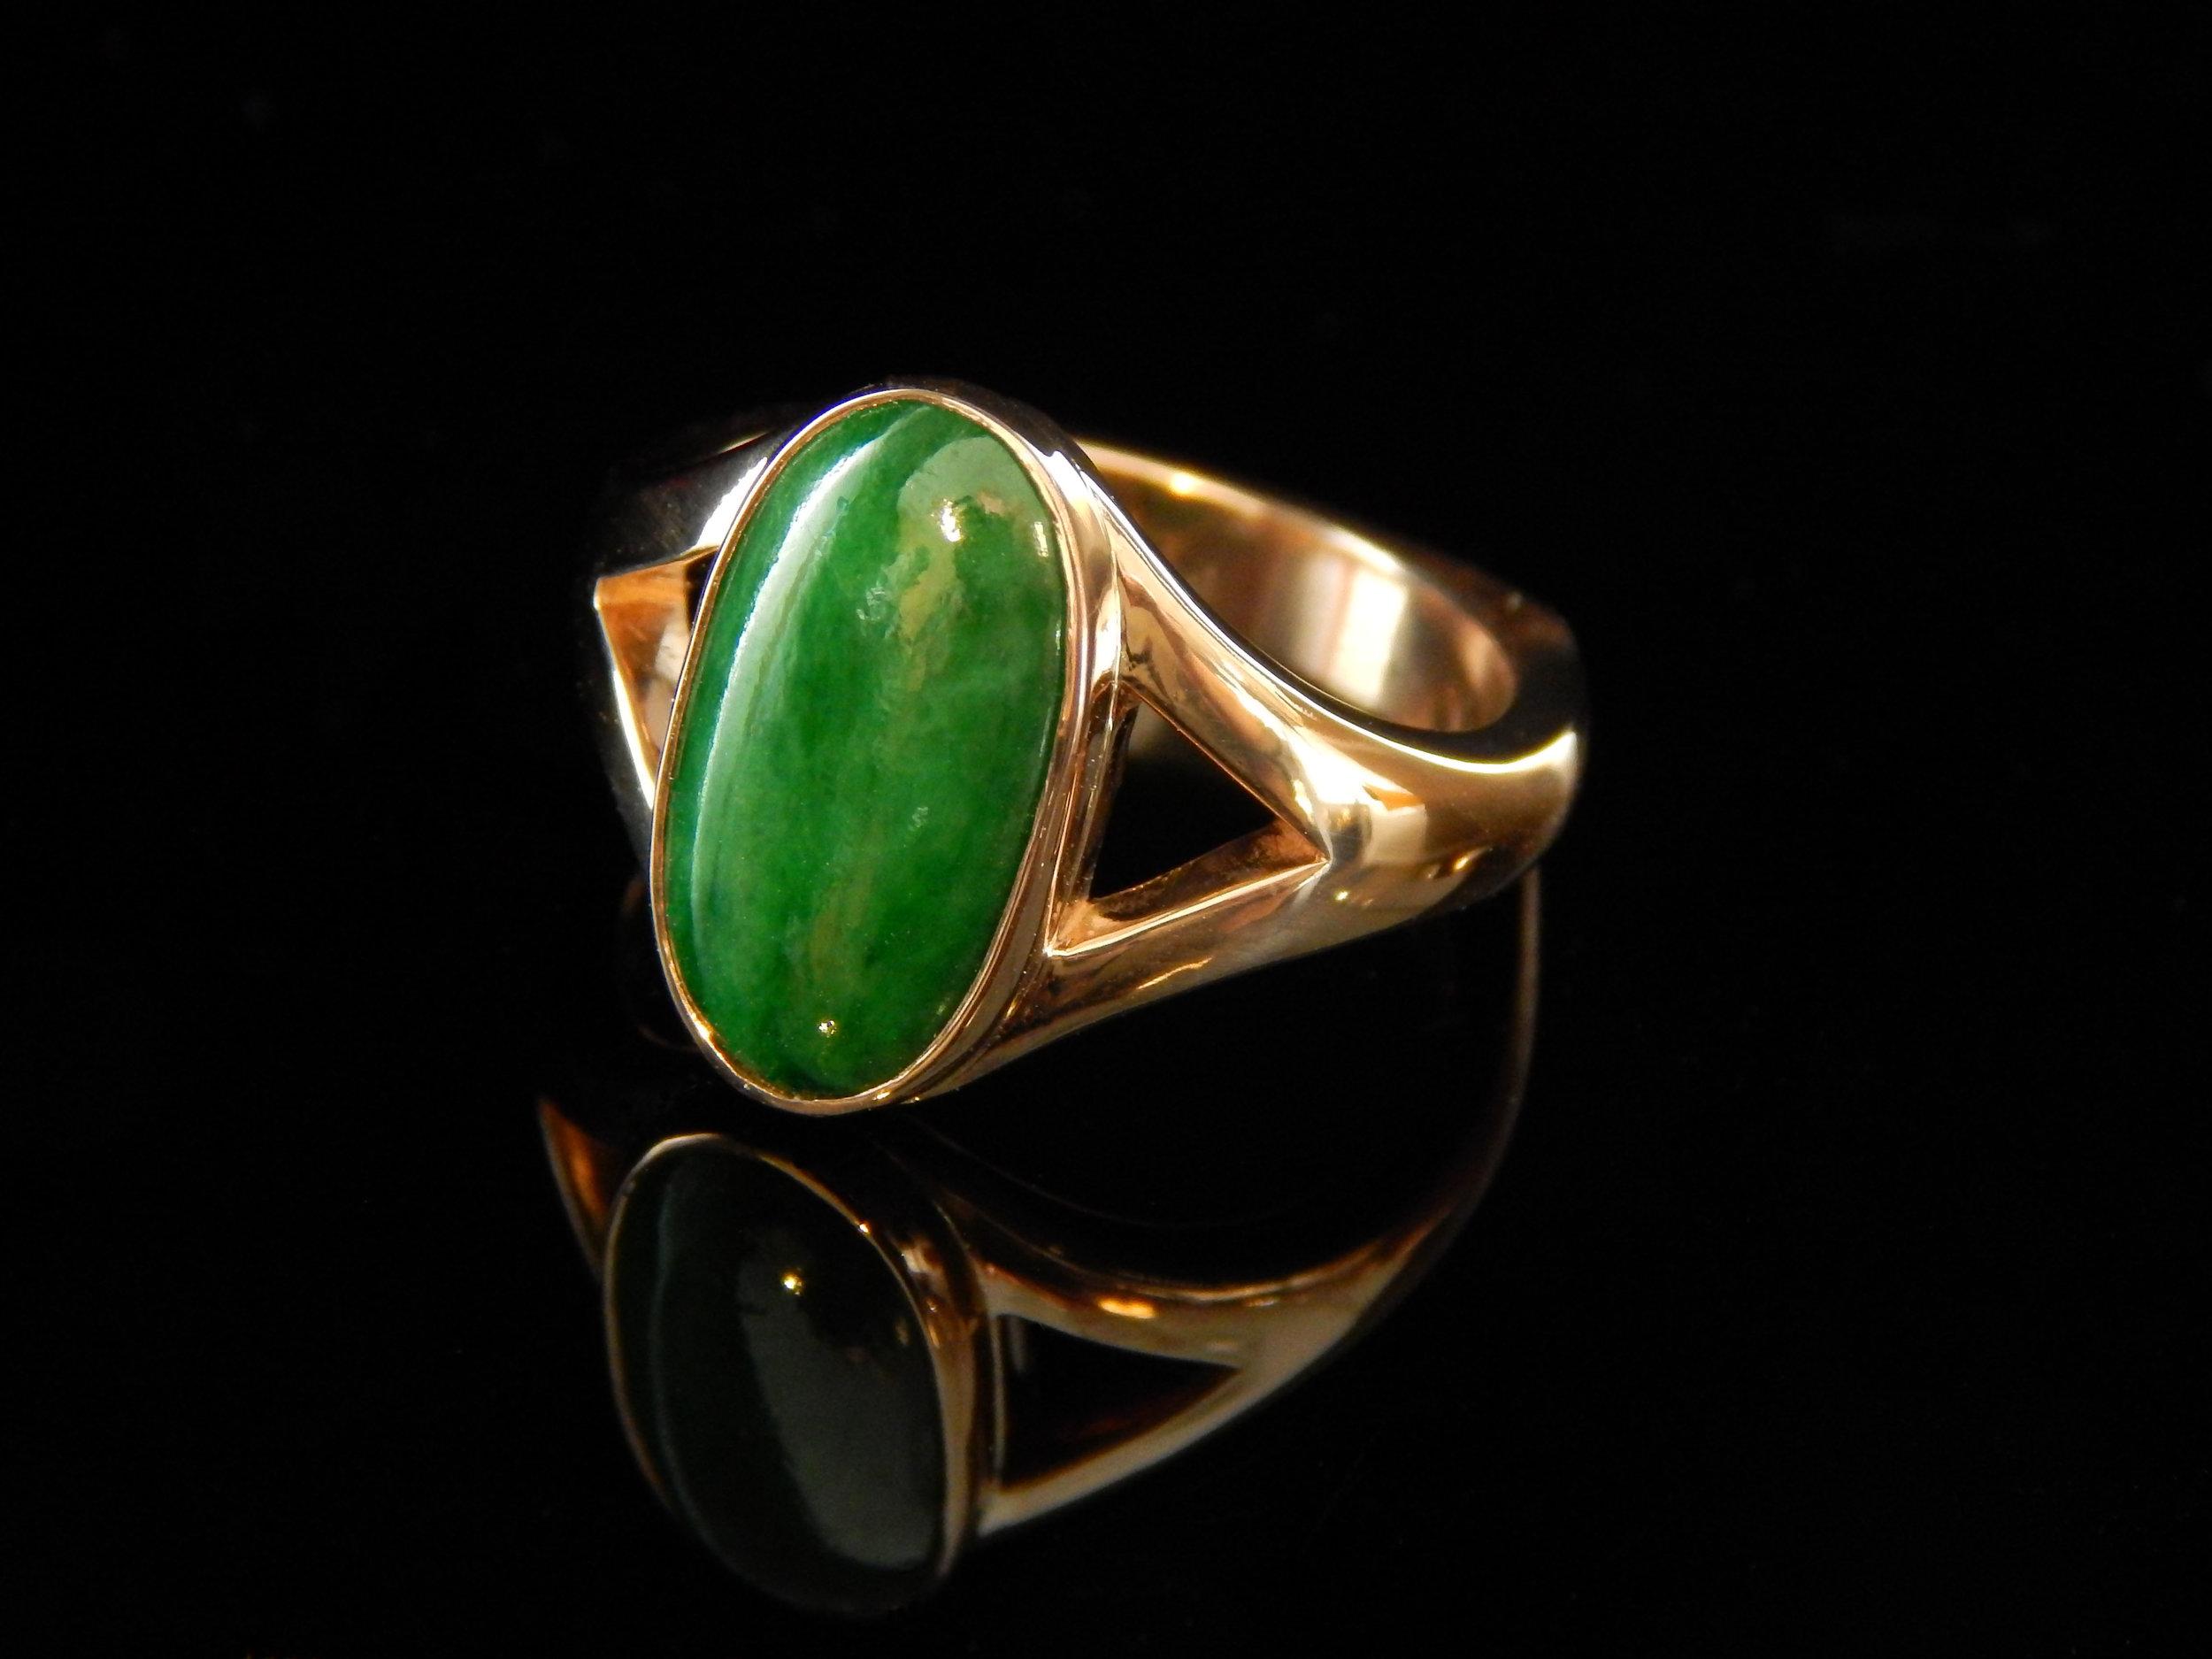 darvier-jade-in-rose-gold-ring.JPG